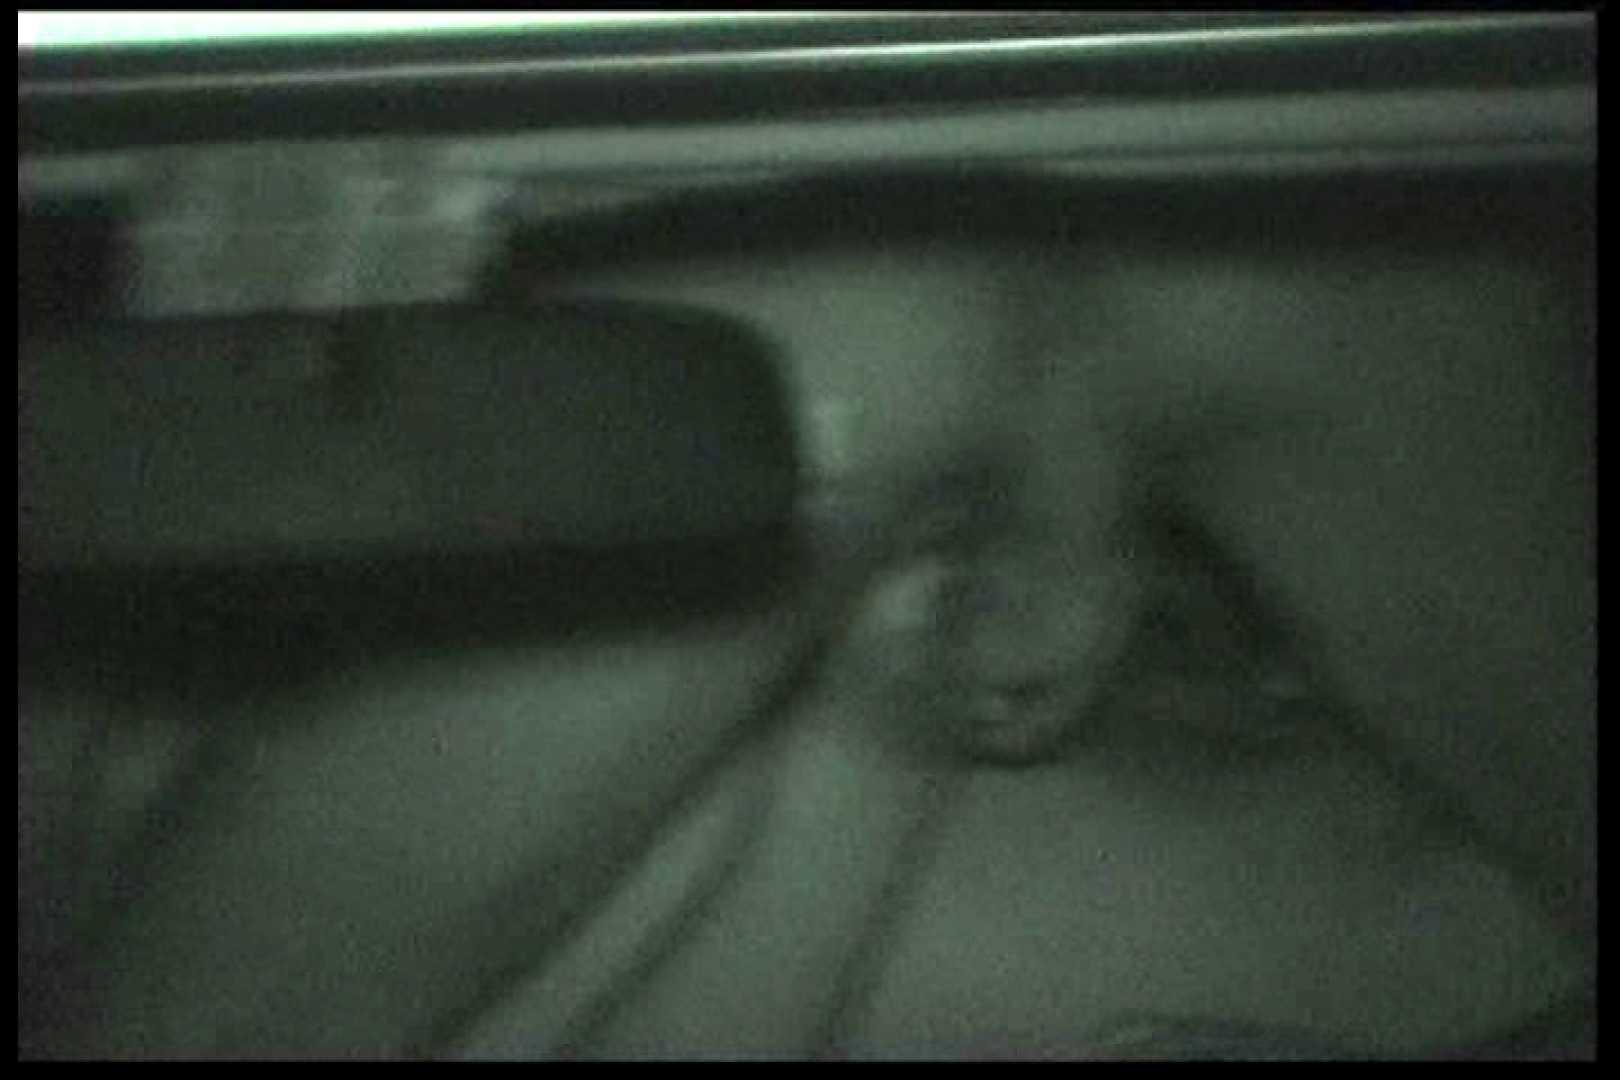 車の中はラブホテル 無修正版  Vol.14 車  100画像 96